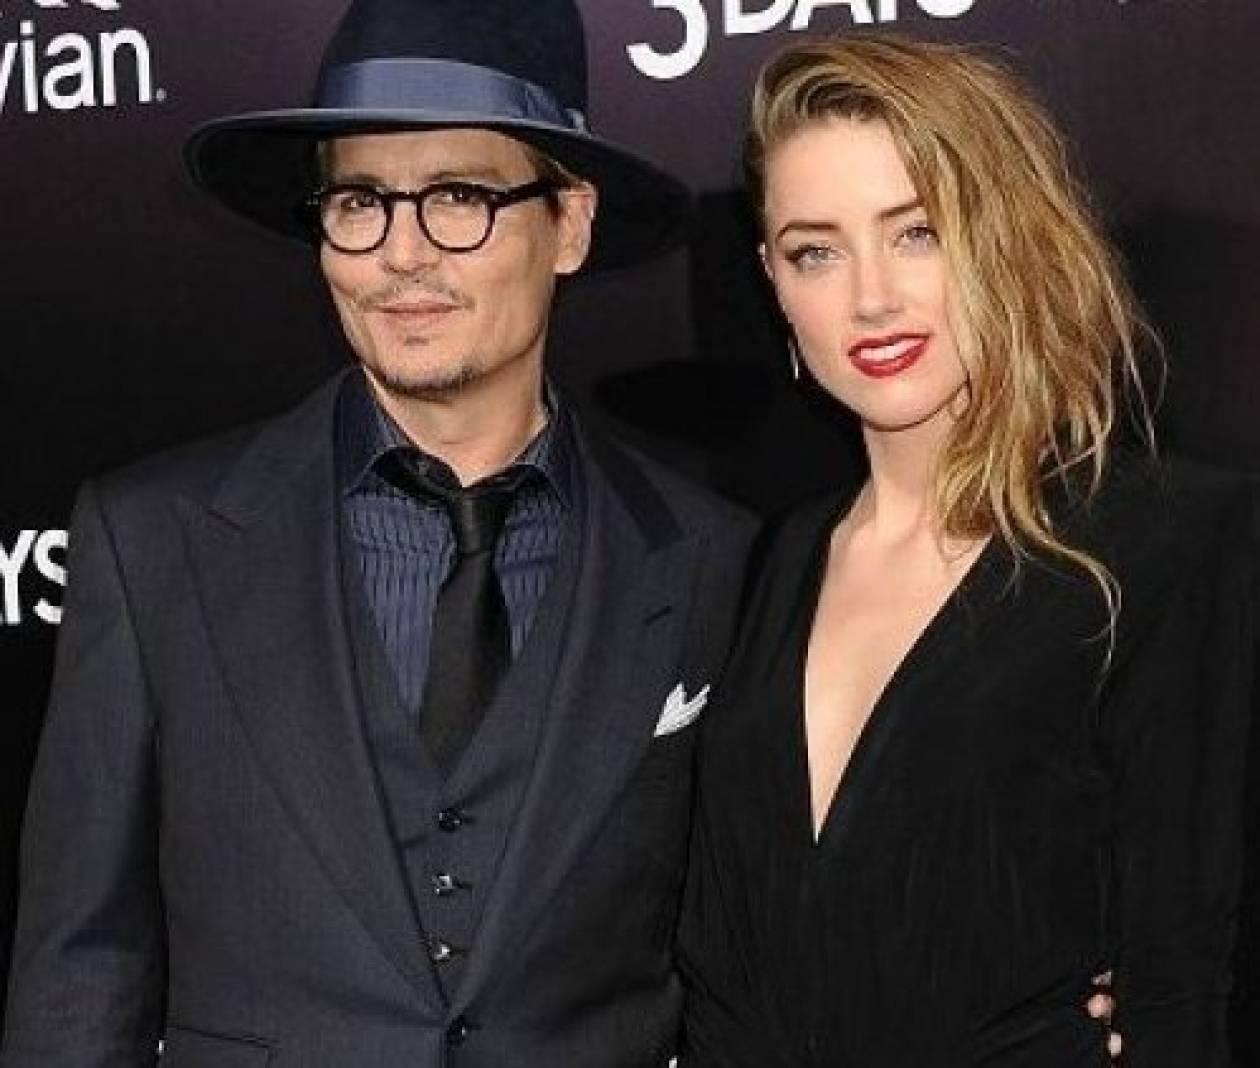 O Depp καψουρεύτηκε: Δείτε τον να φιλάει την Heard, στην κάμερα